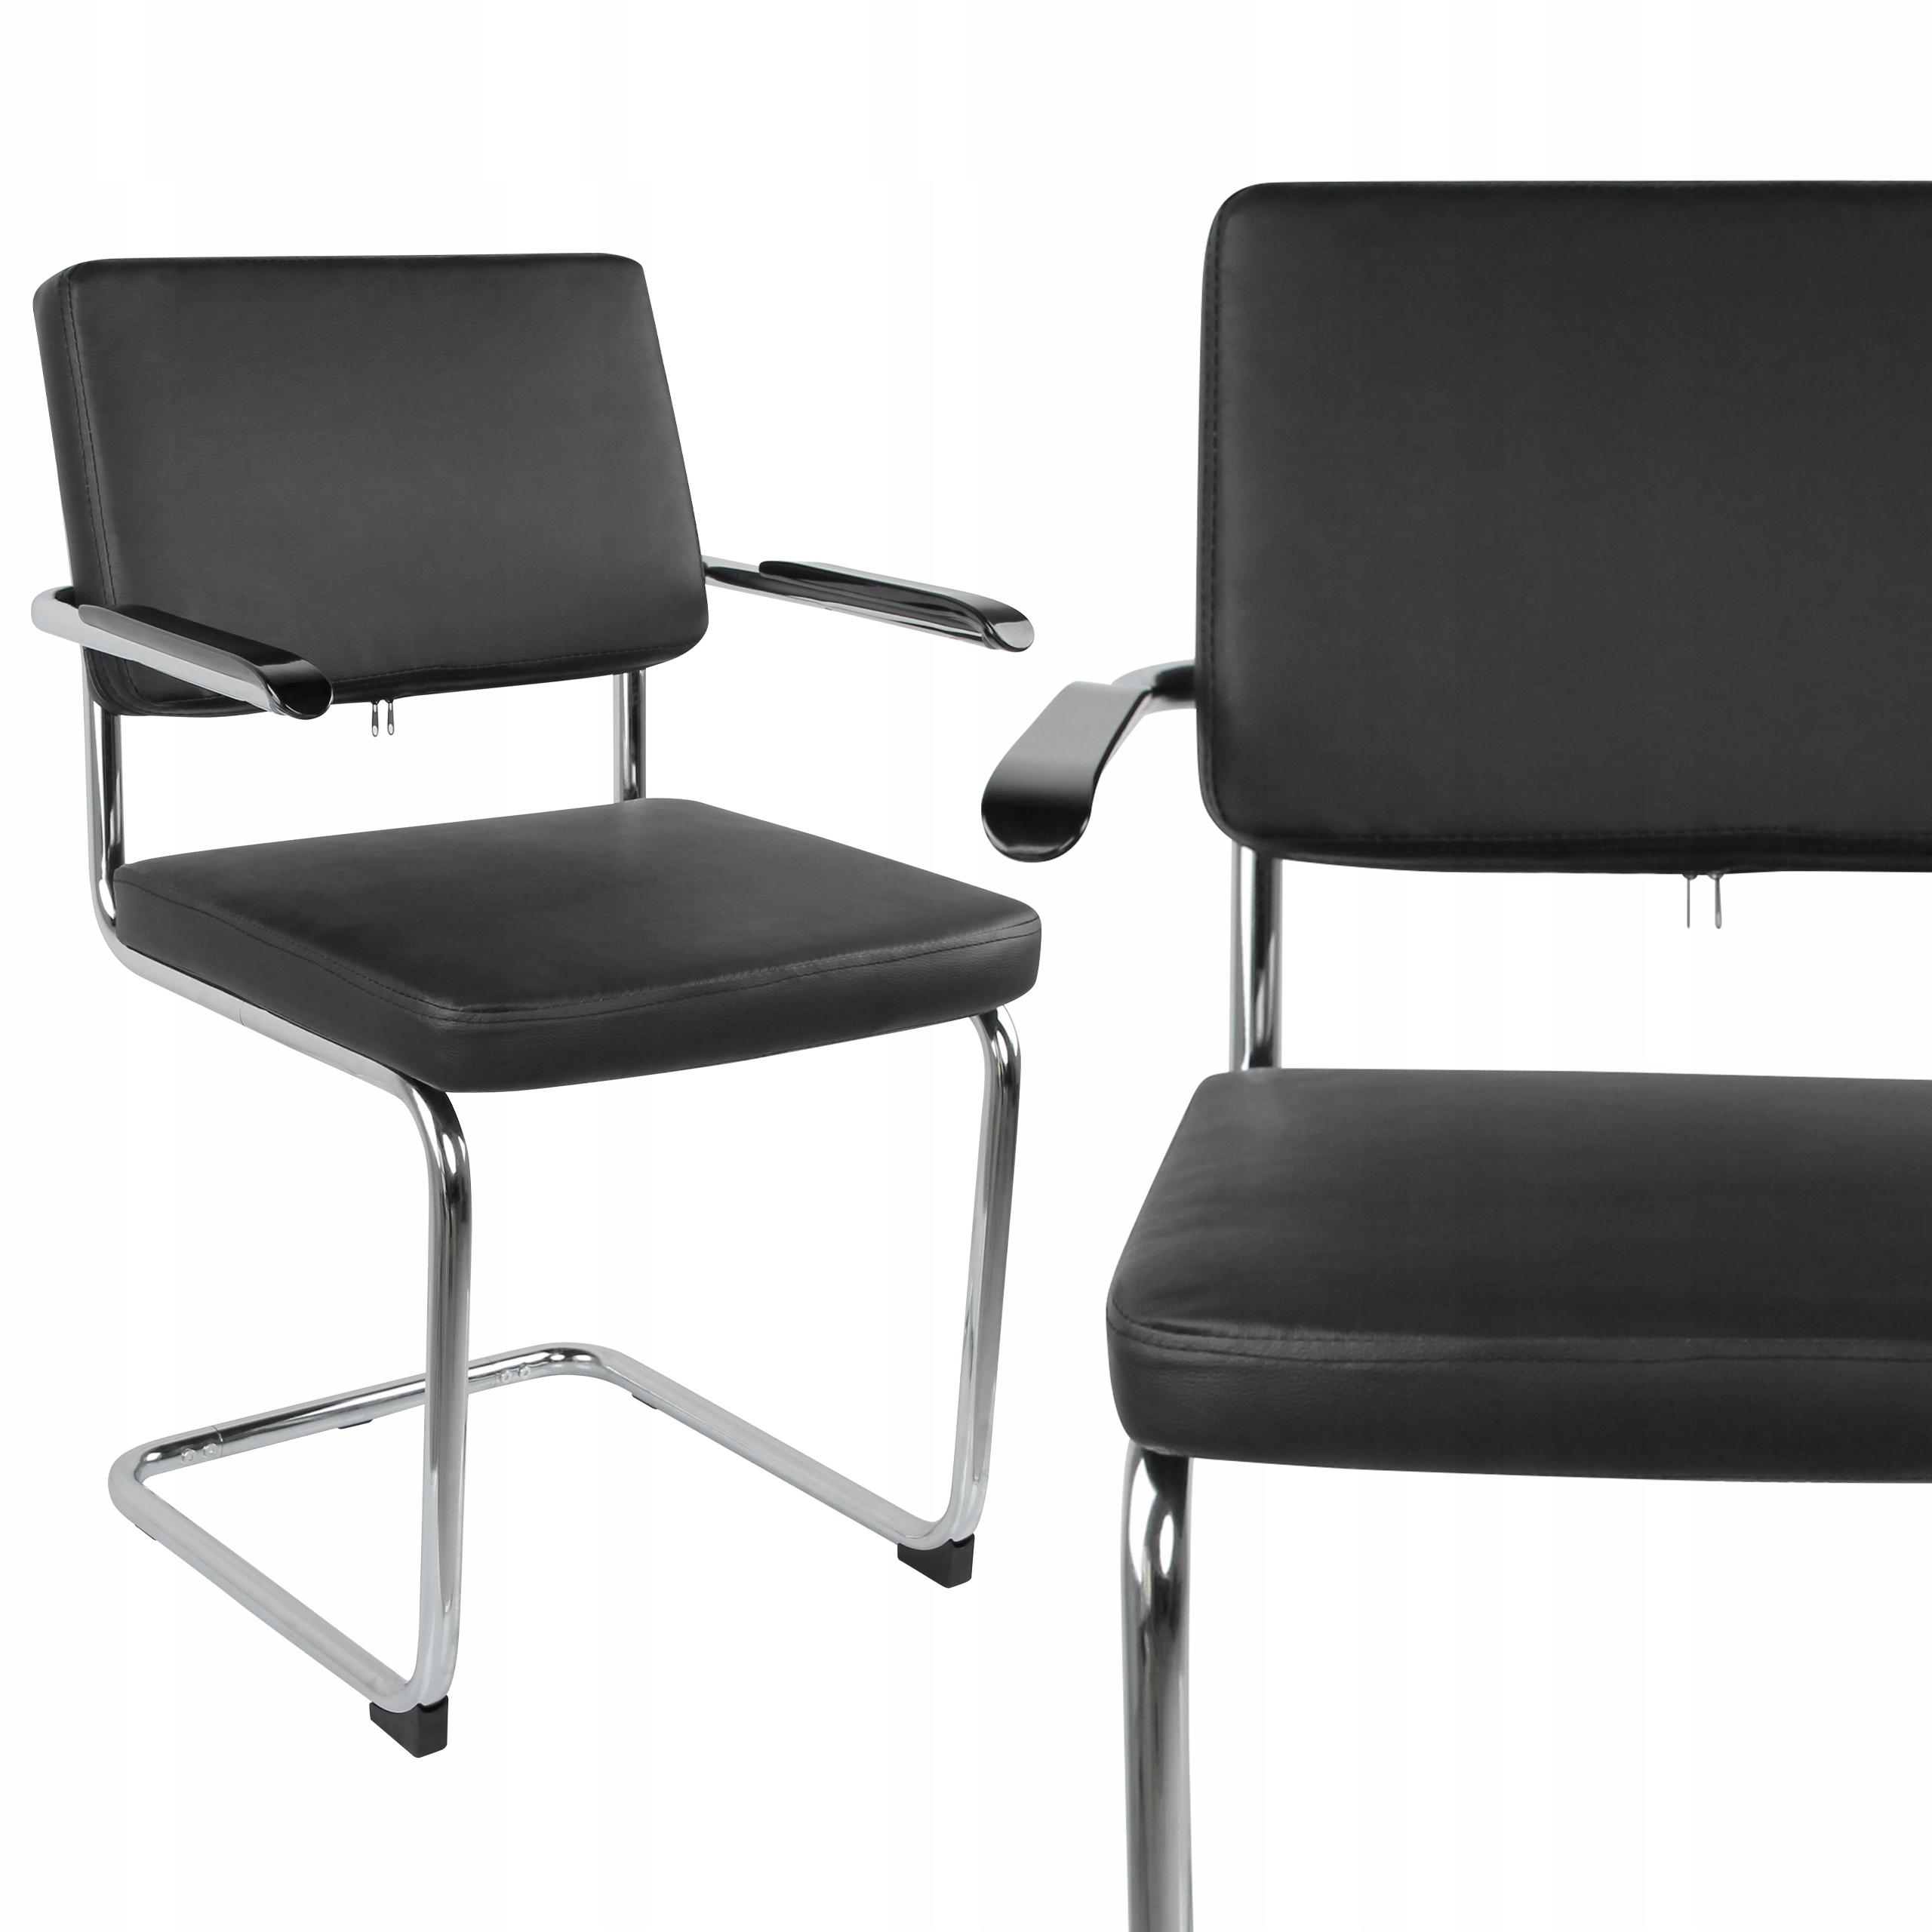 Konferenčná stolička BLACK RETRO podrúčky